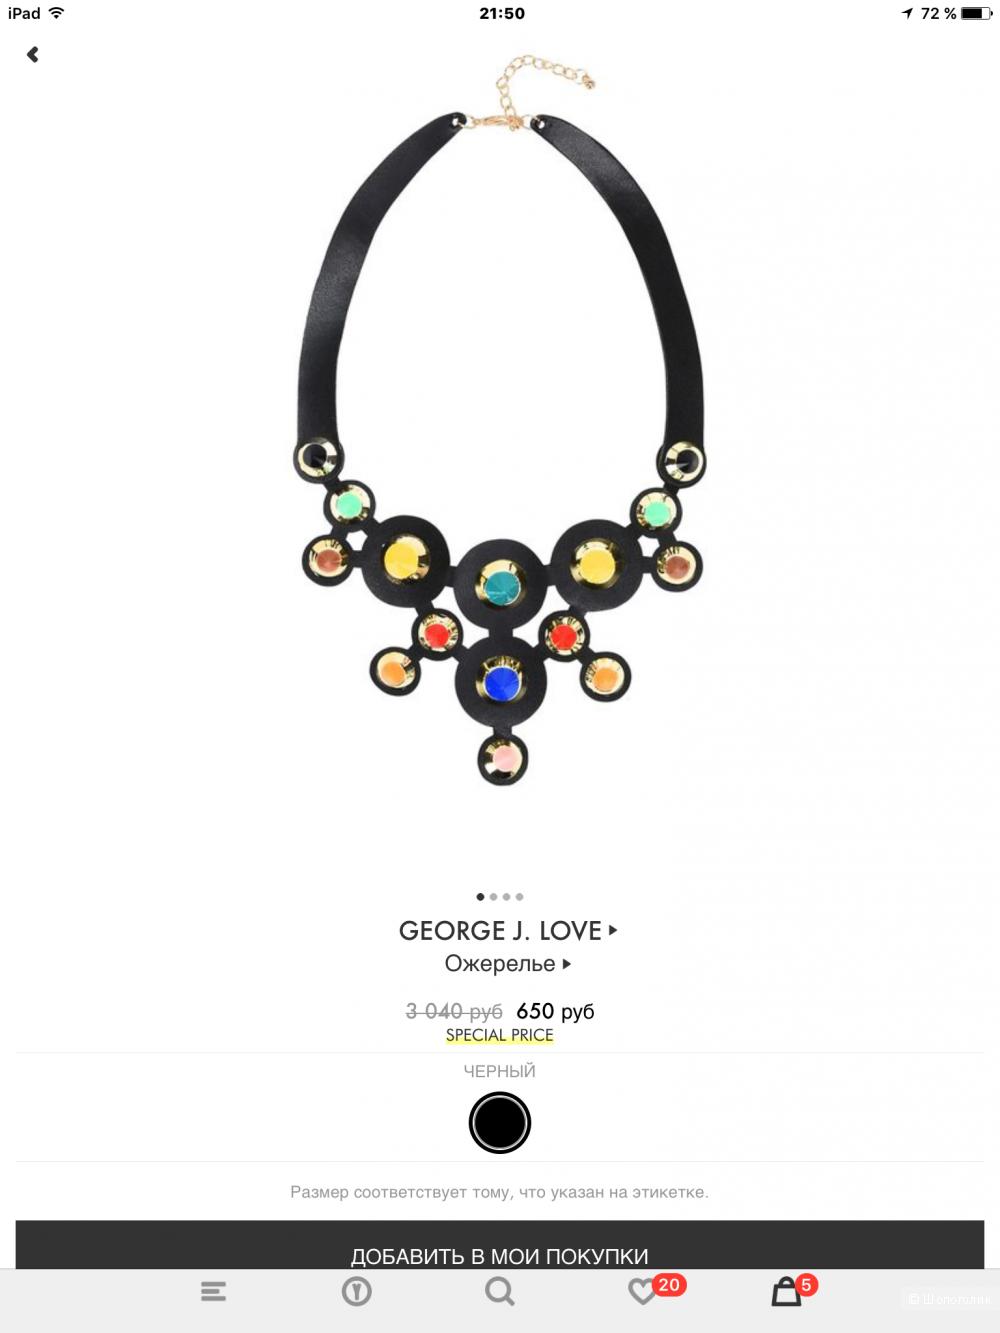 Украшение на шею (ожерелье, колье) George J.Love